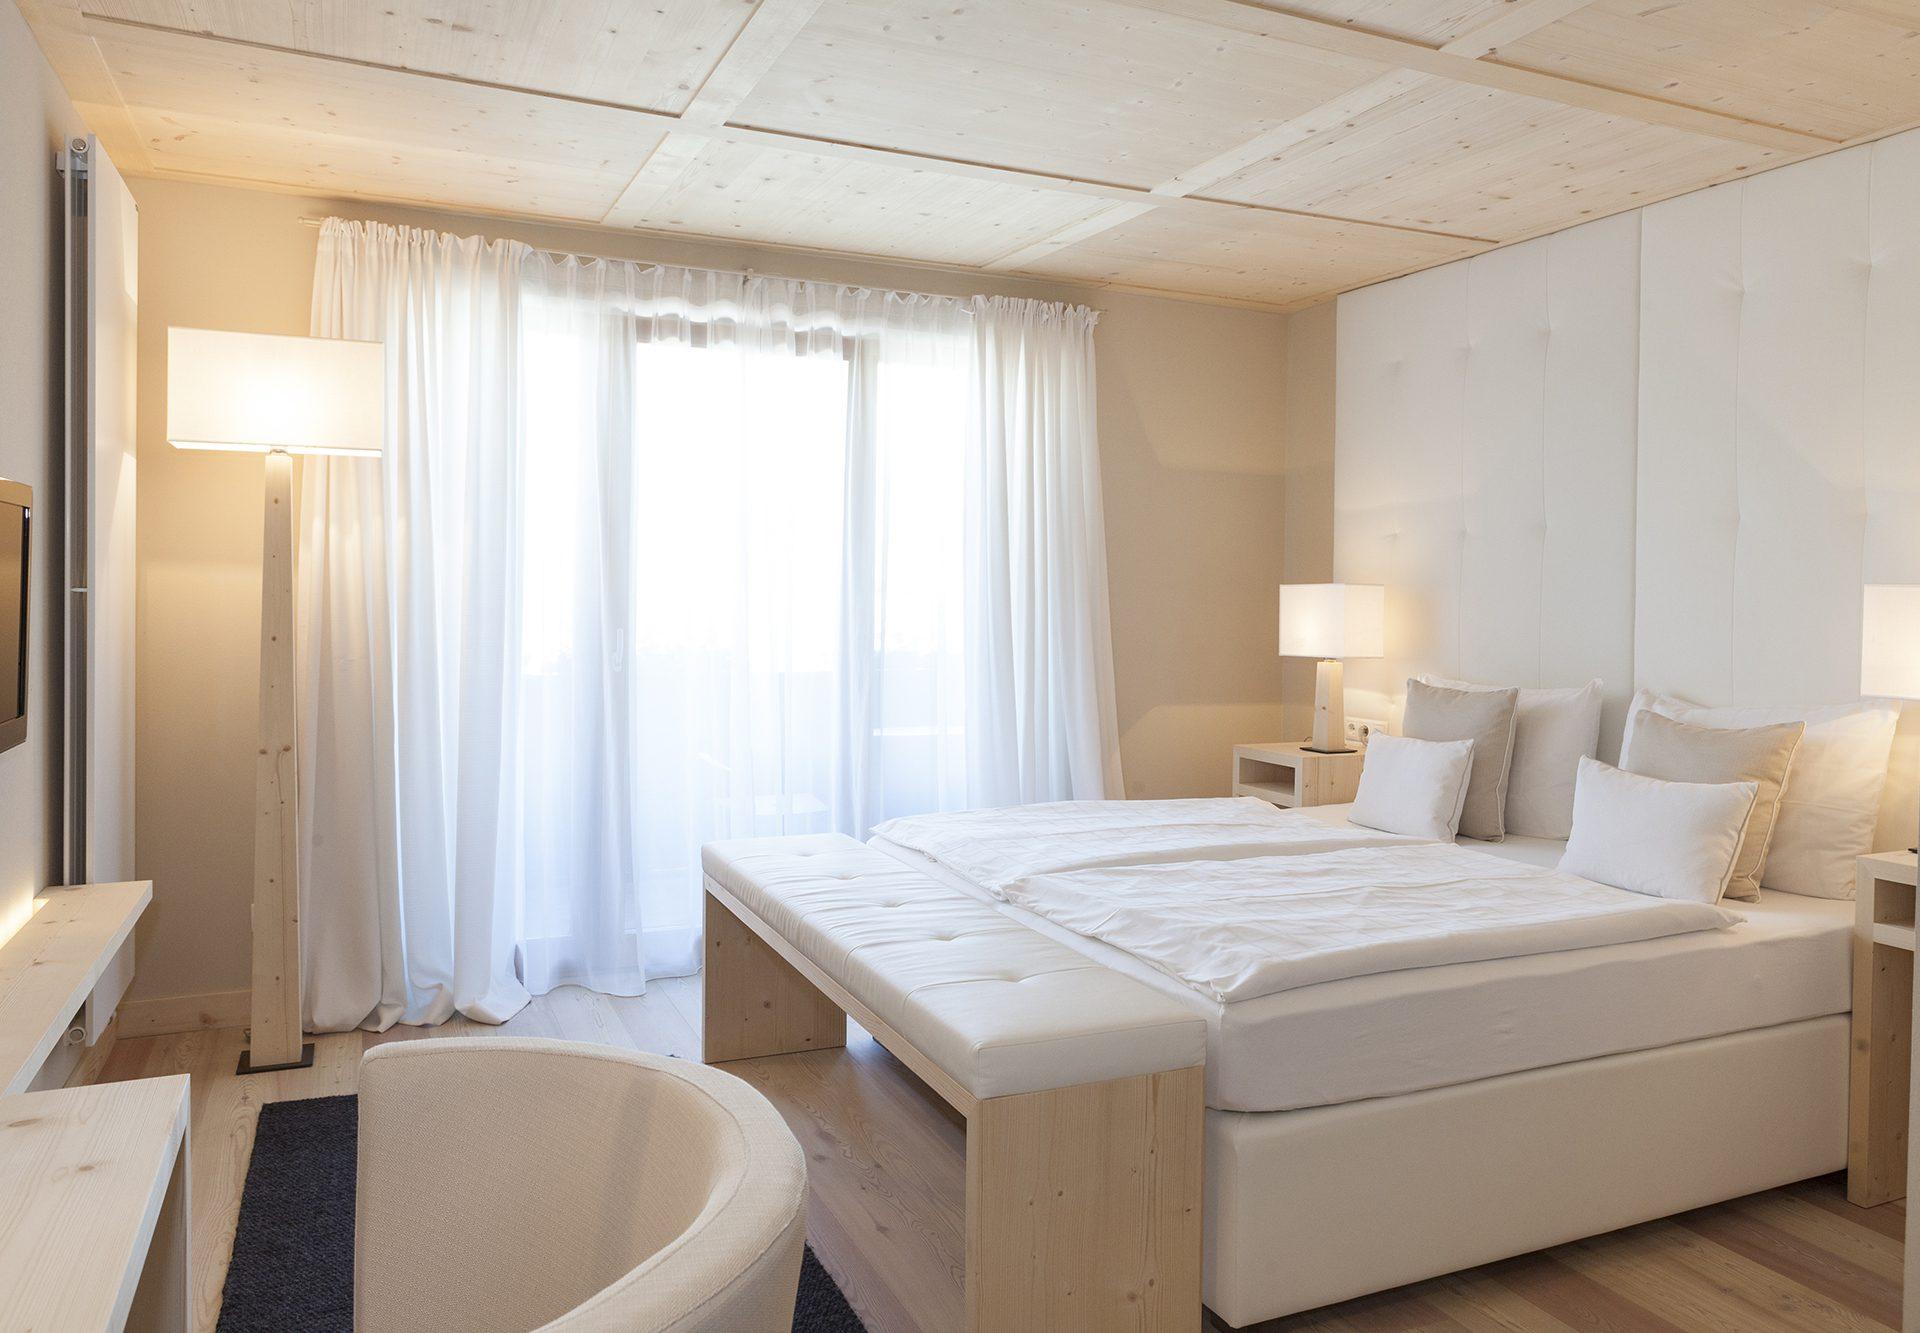 comfort room-bed-chair lighting